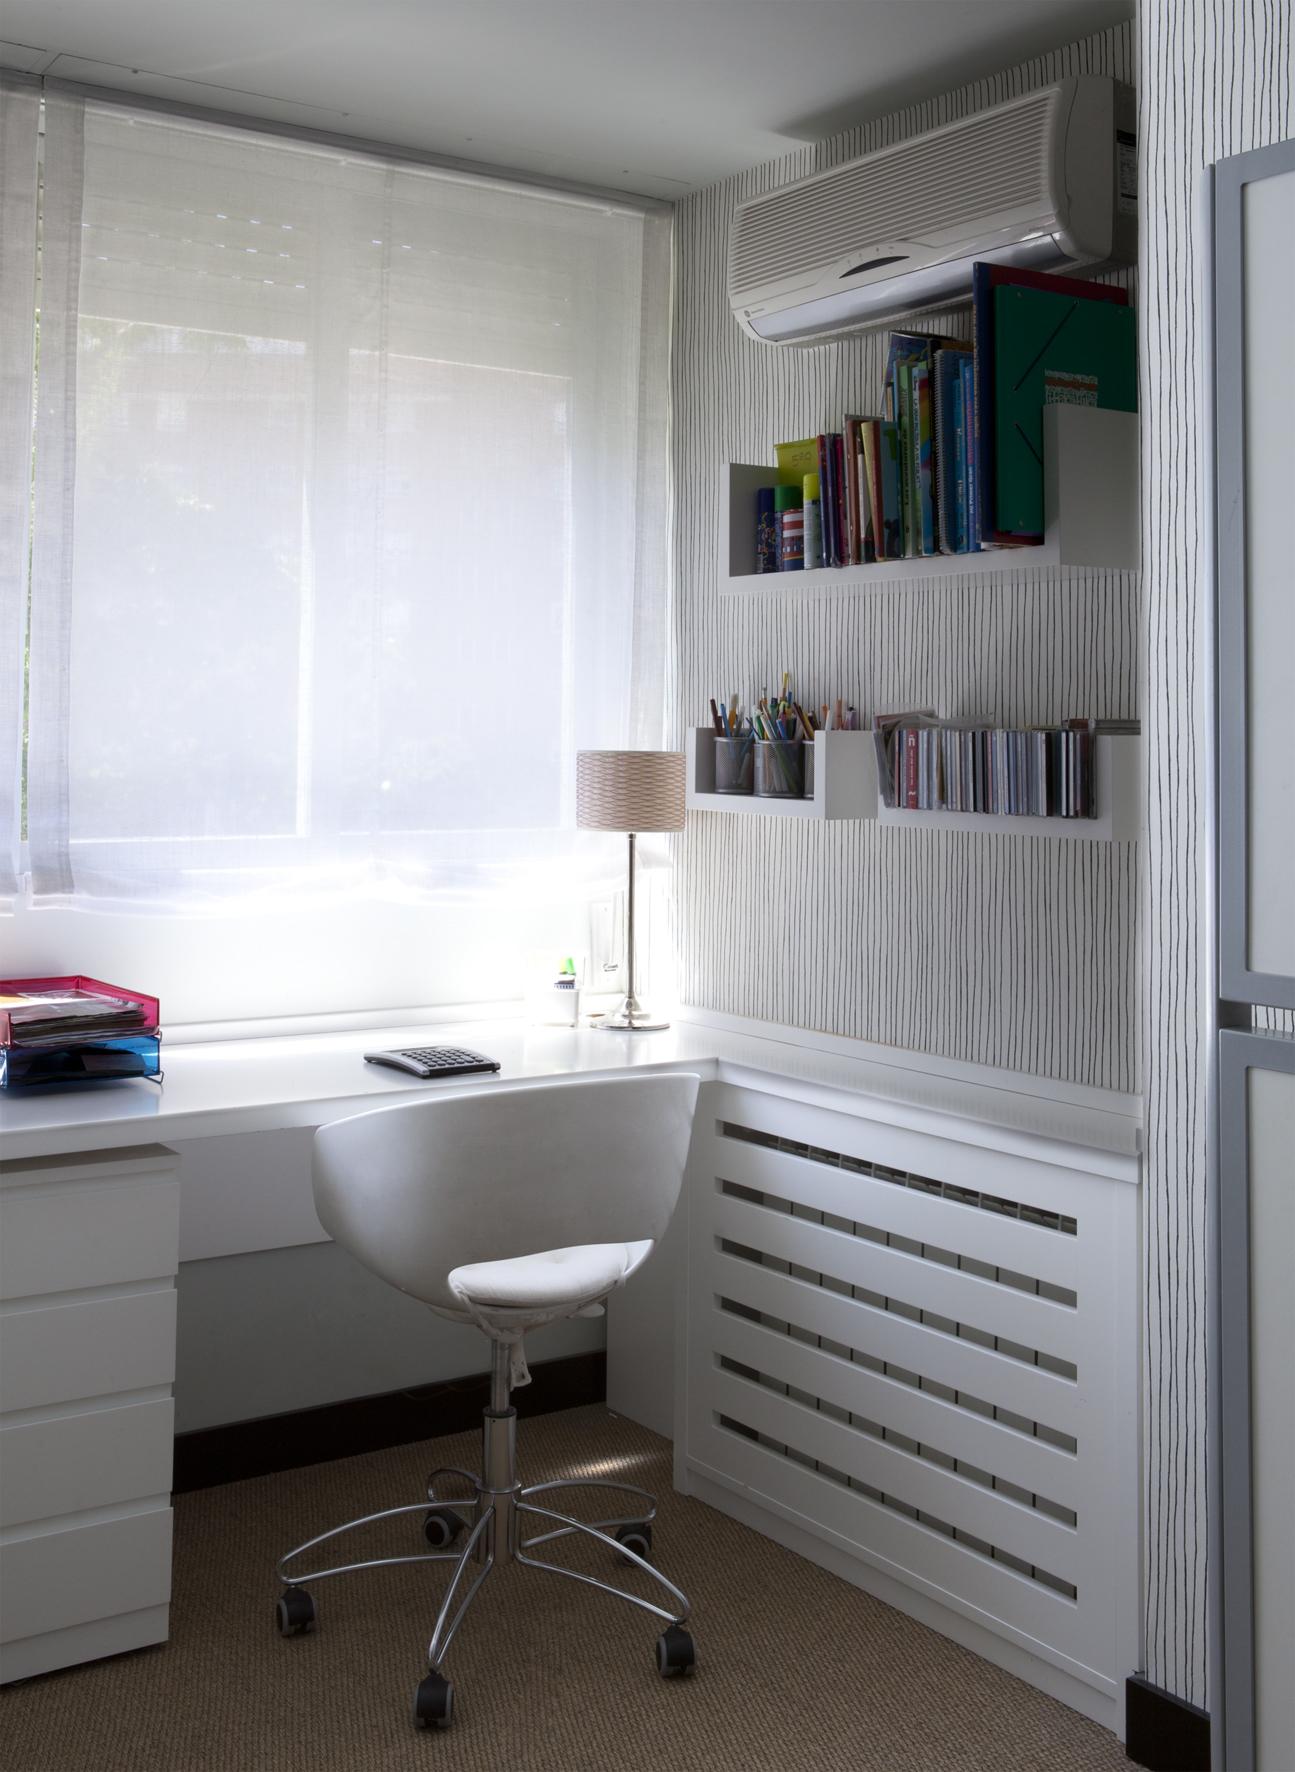 Interiorismo_21.jpg